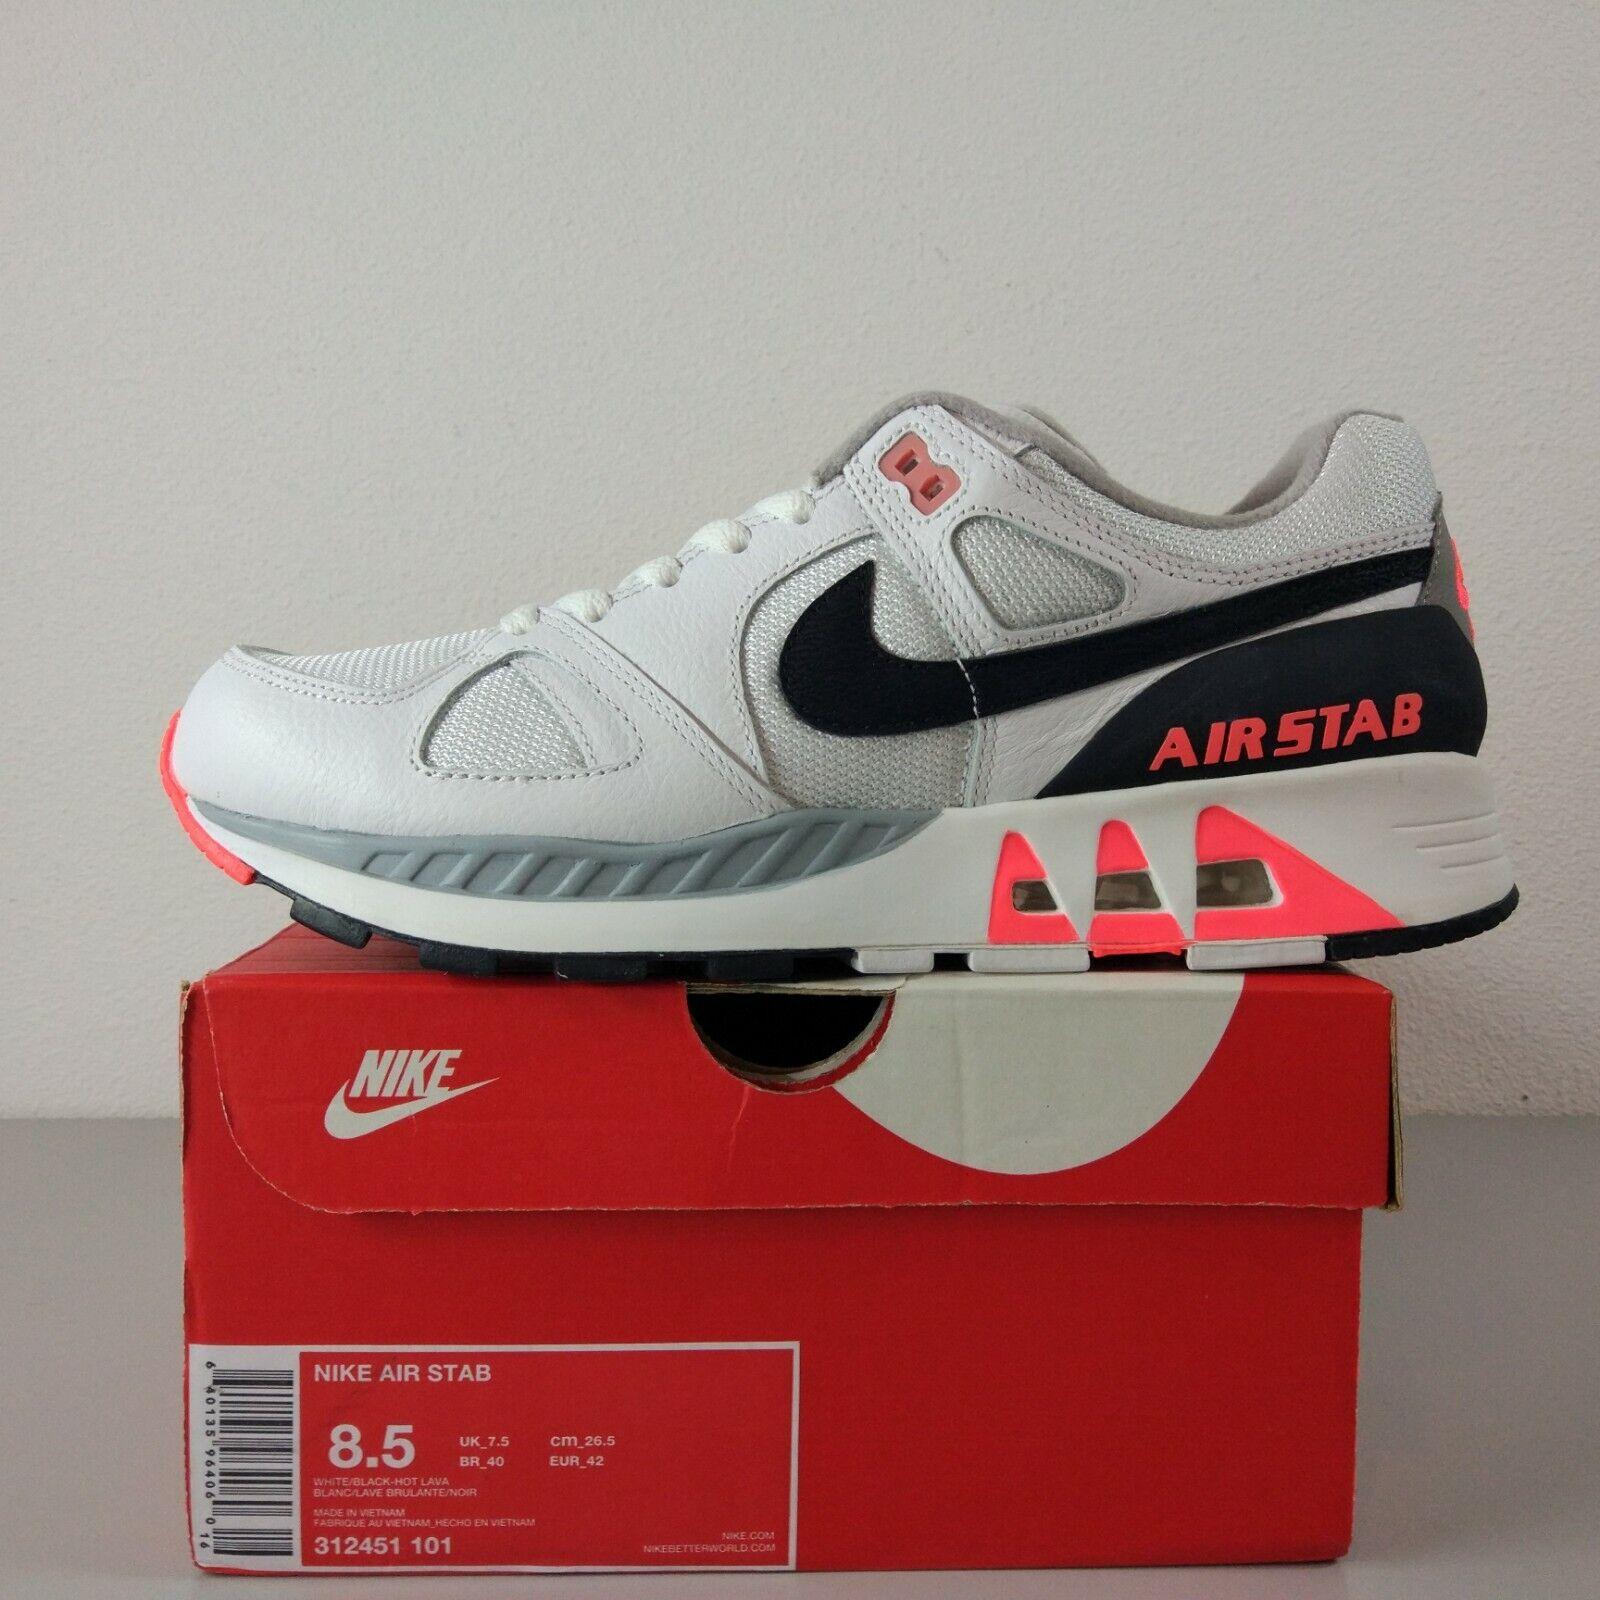 35d13036fe Nike Air Stab Hot Lava US 8.5 UK 7.5 BNIB Max Span Base OG 180 1 90 ...